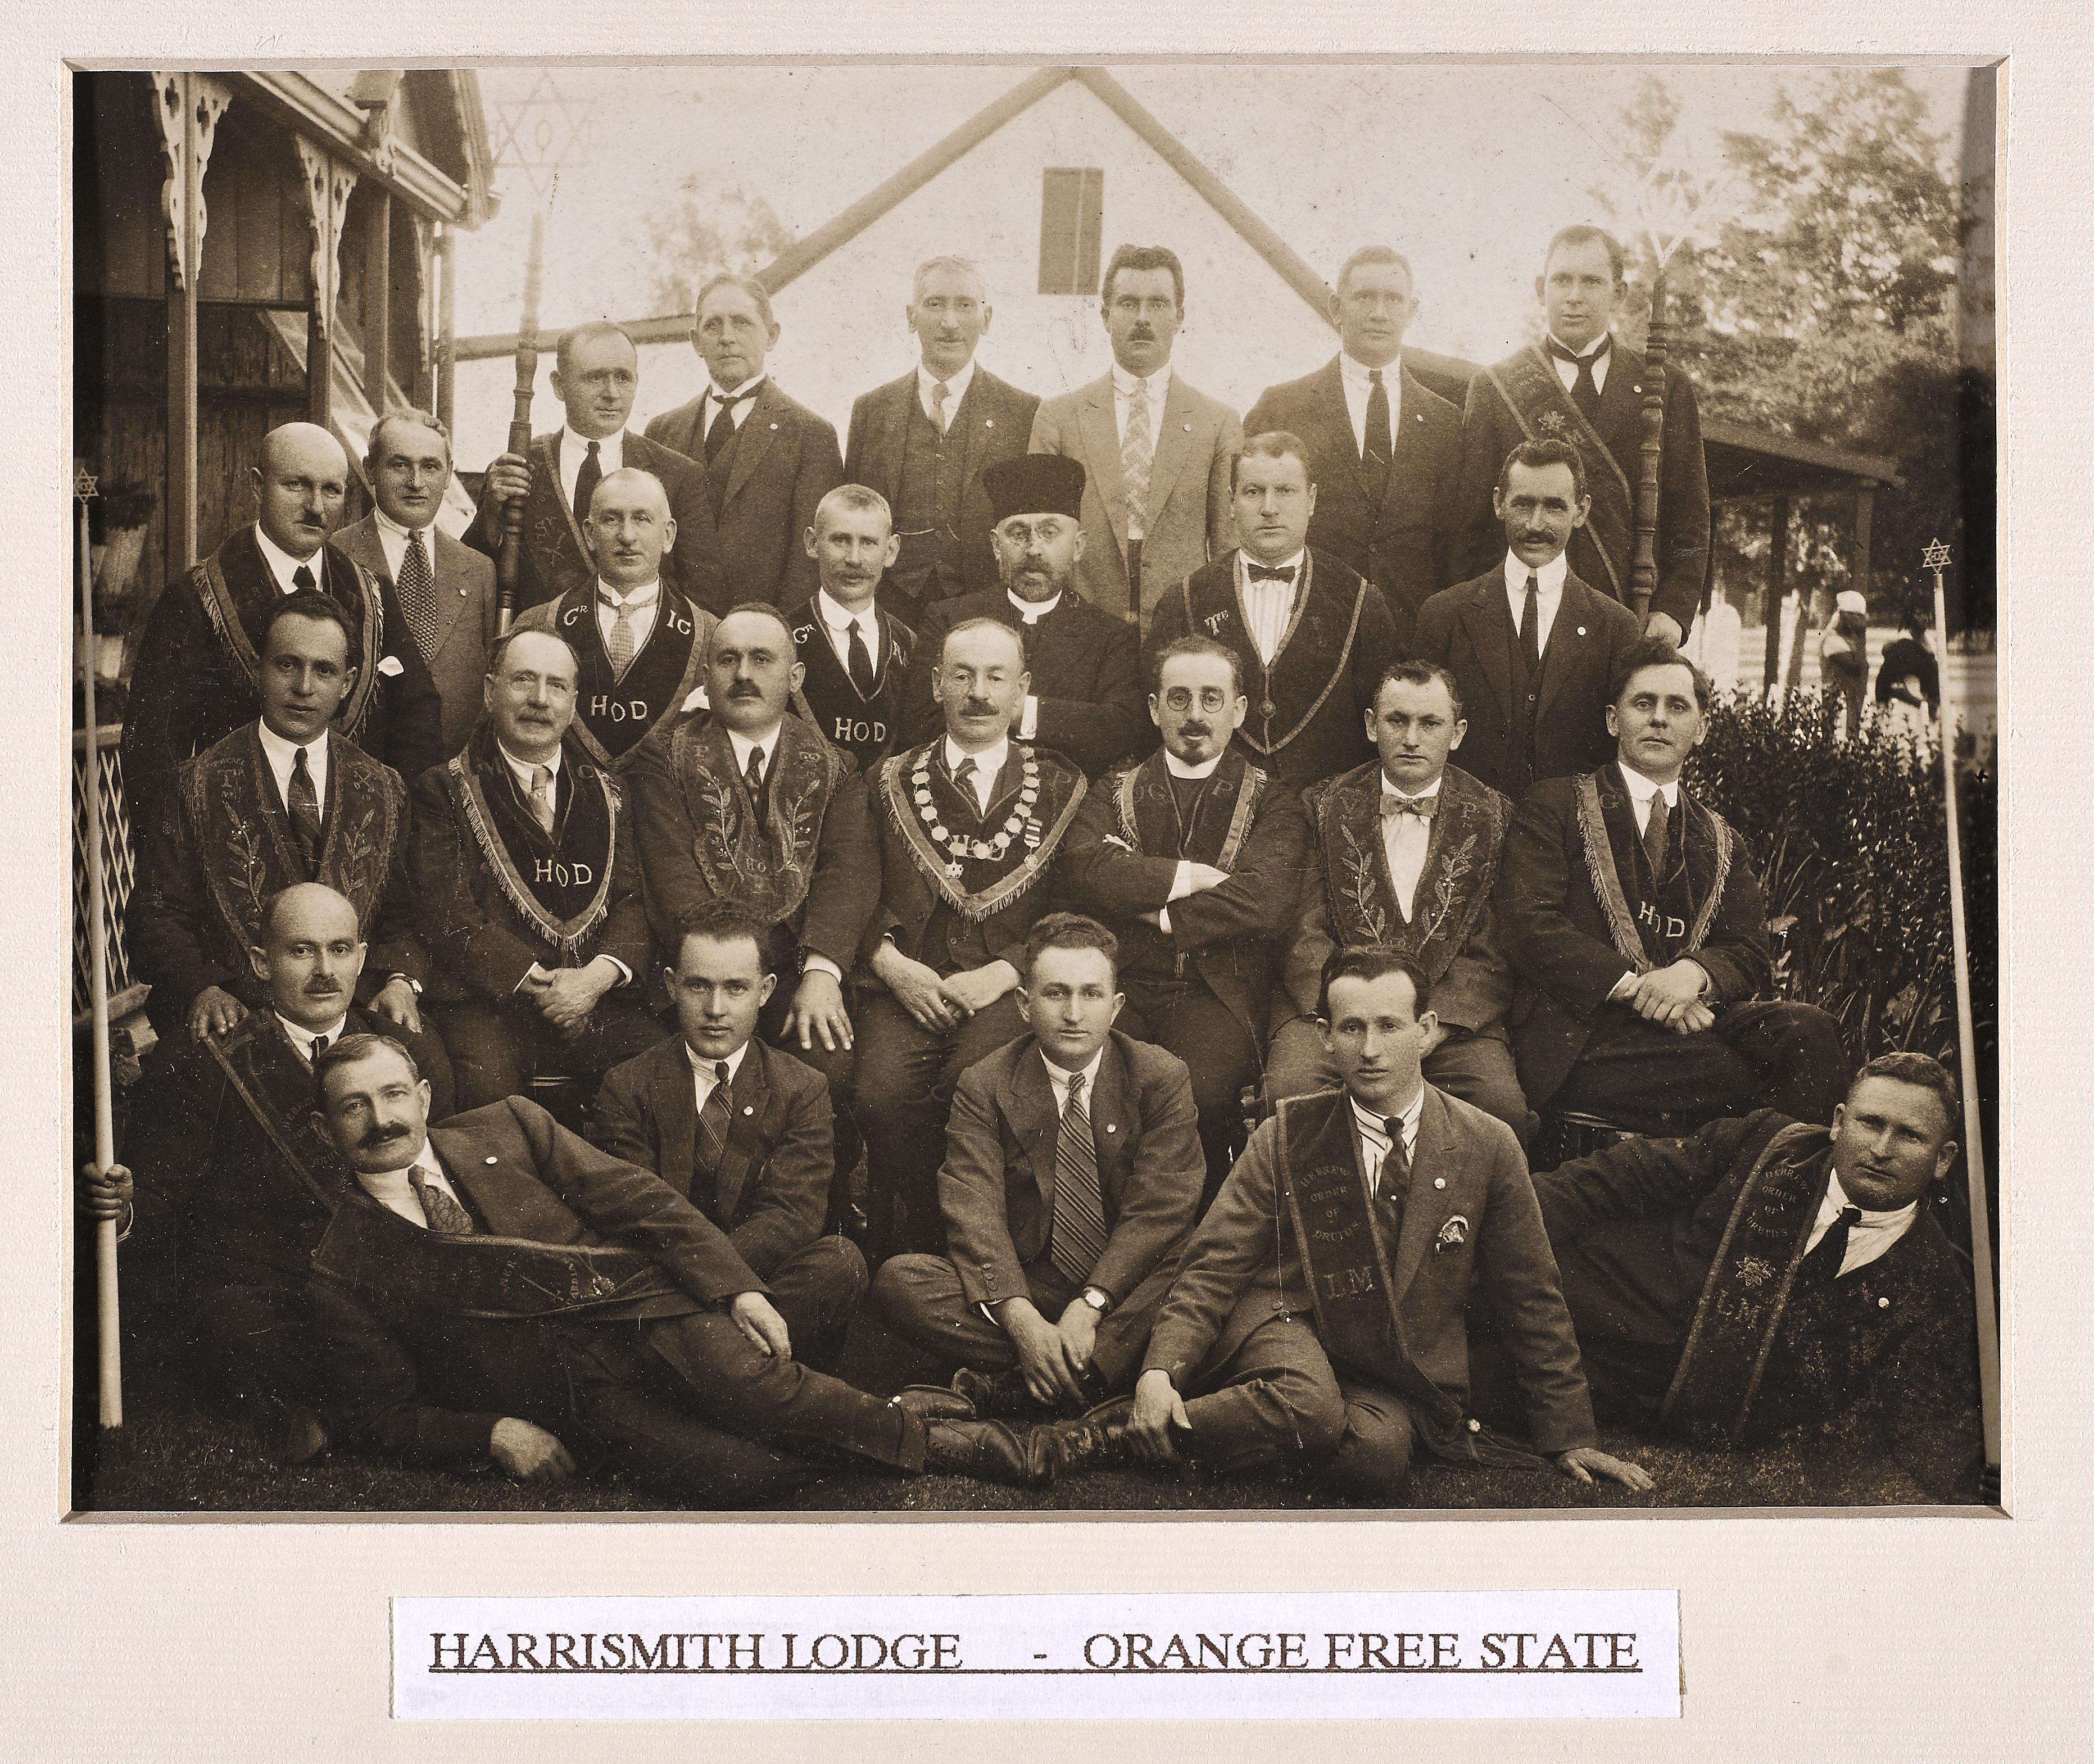 Harrismith Lodge